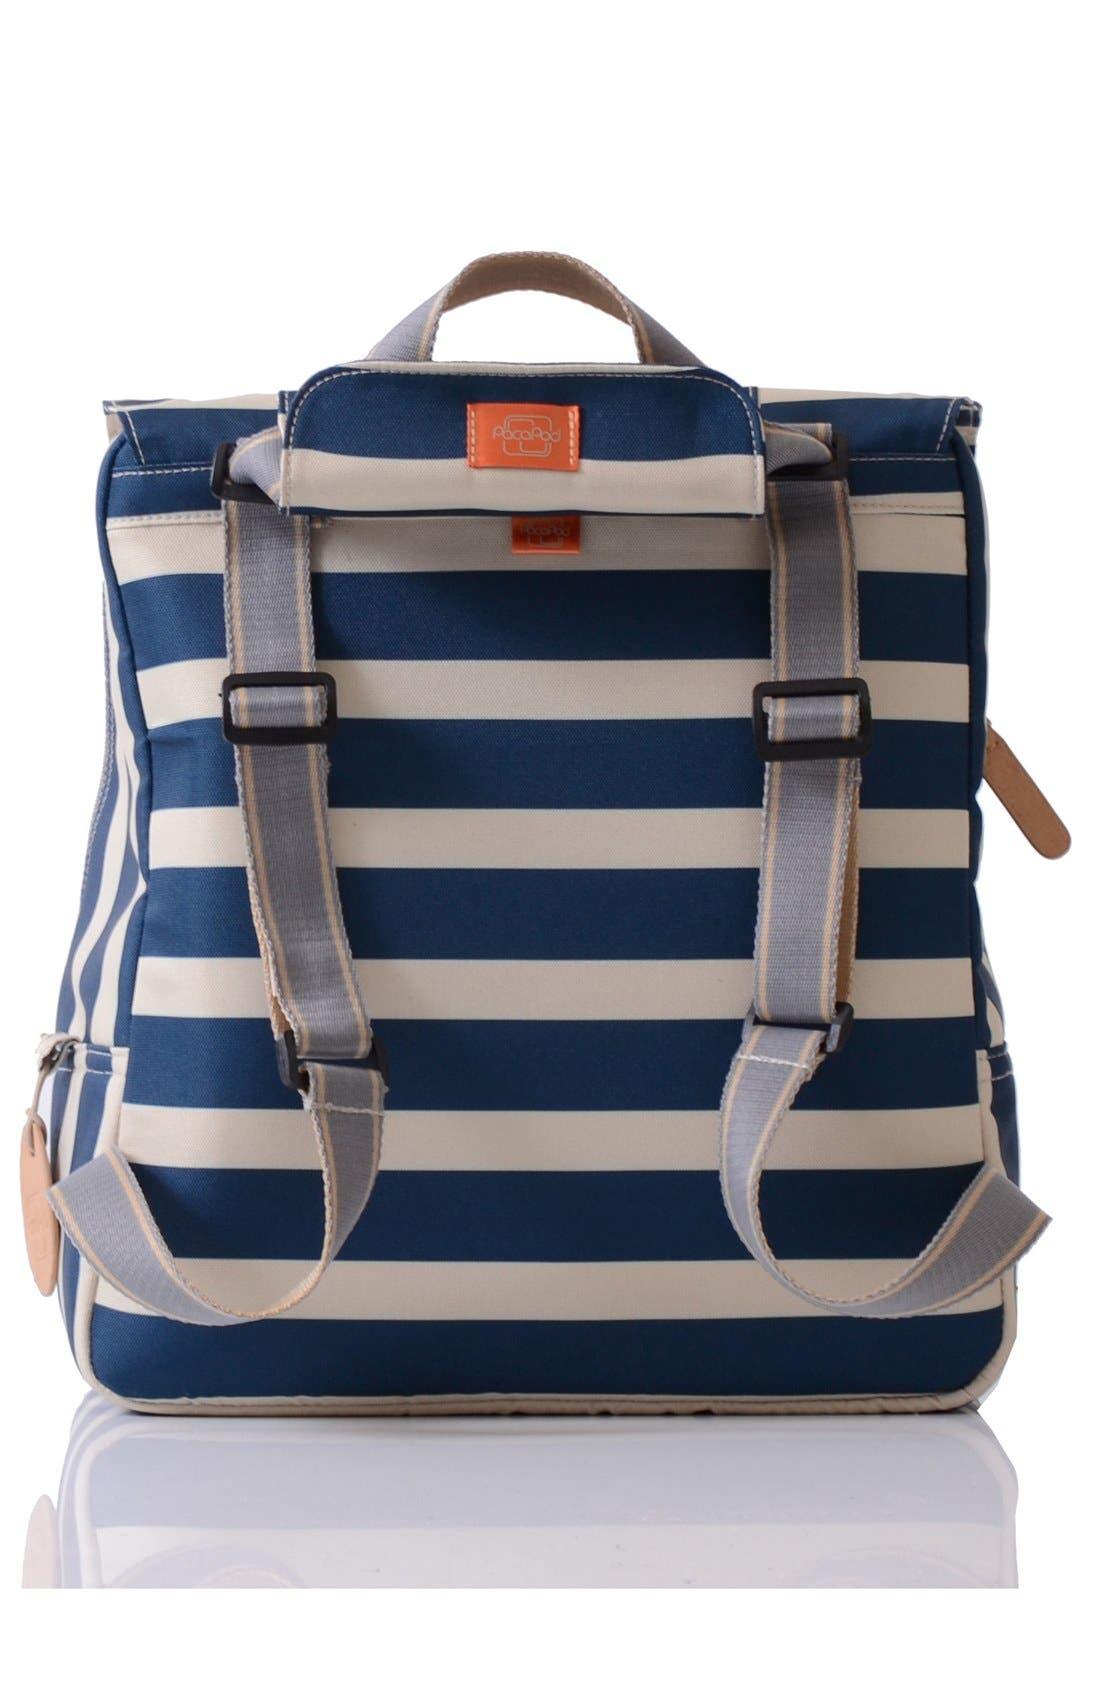 Alternate Image 2  - PacaPod 'Hastings' Diaper Bag